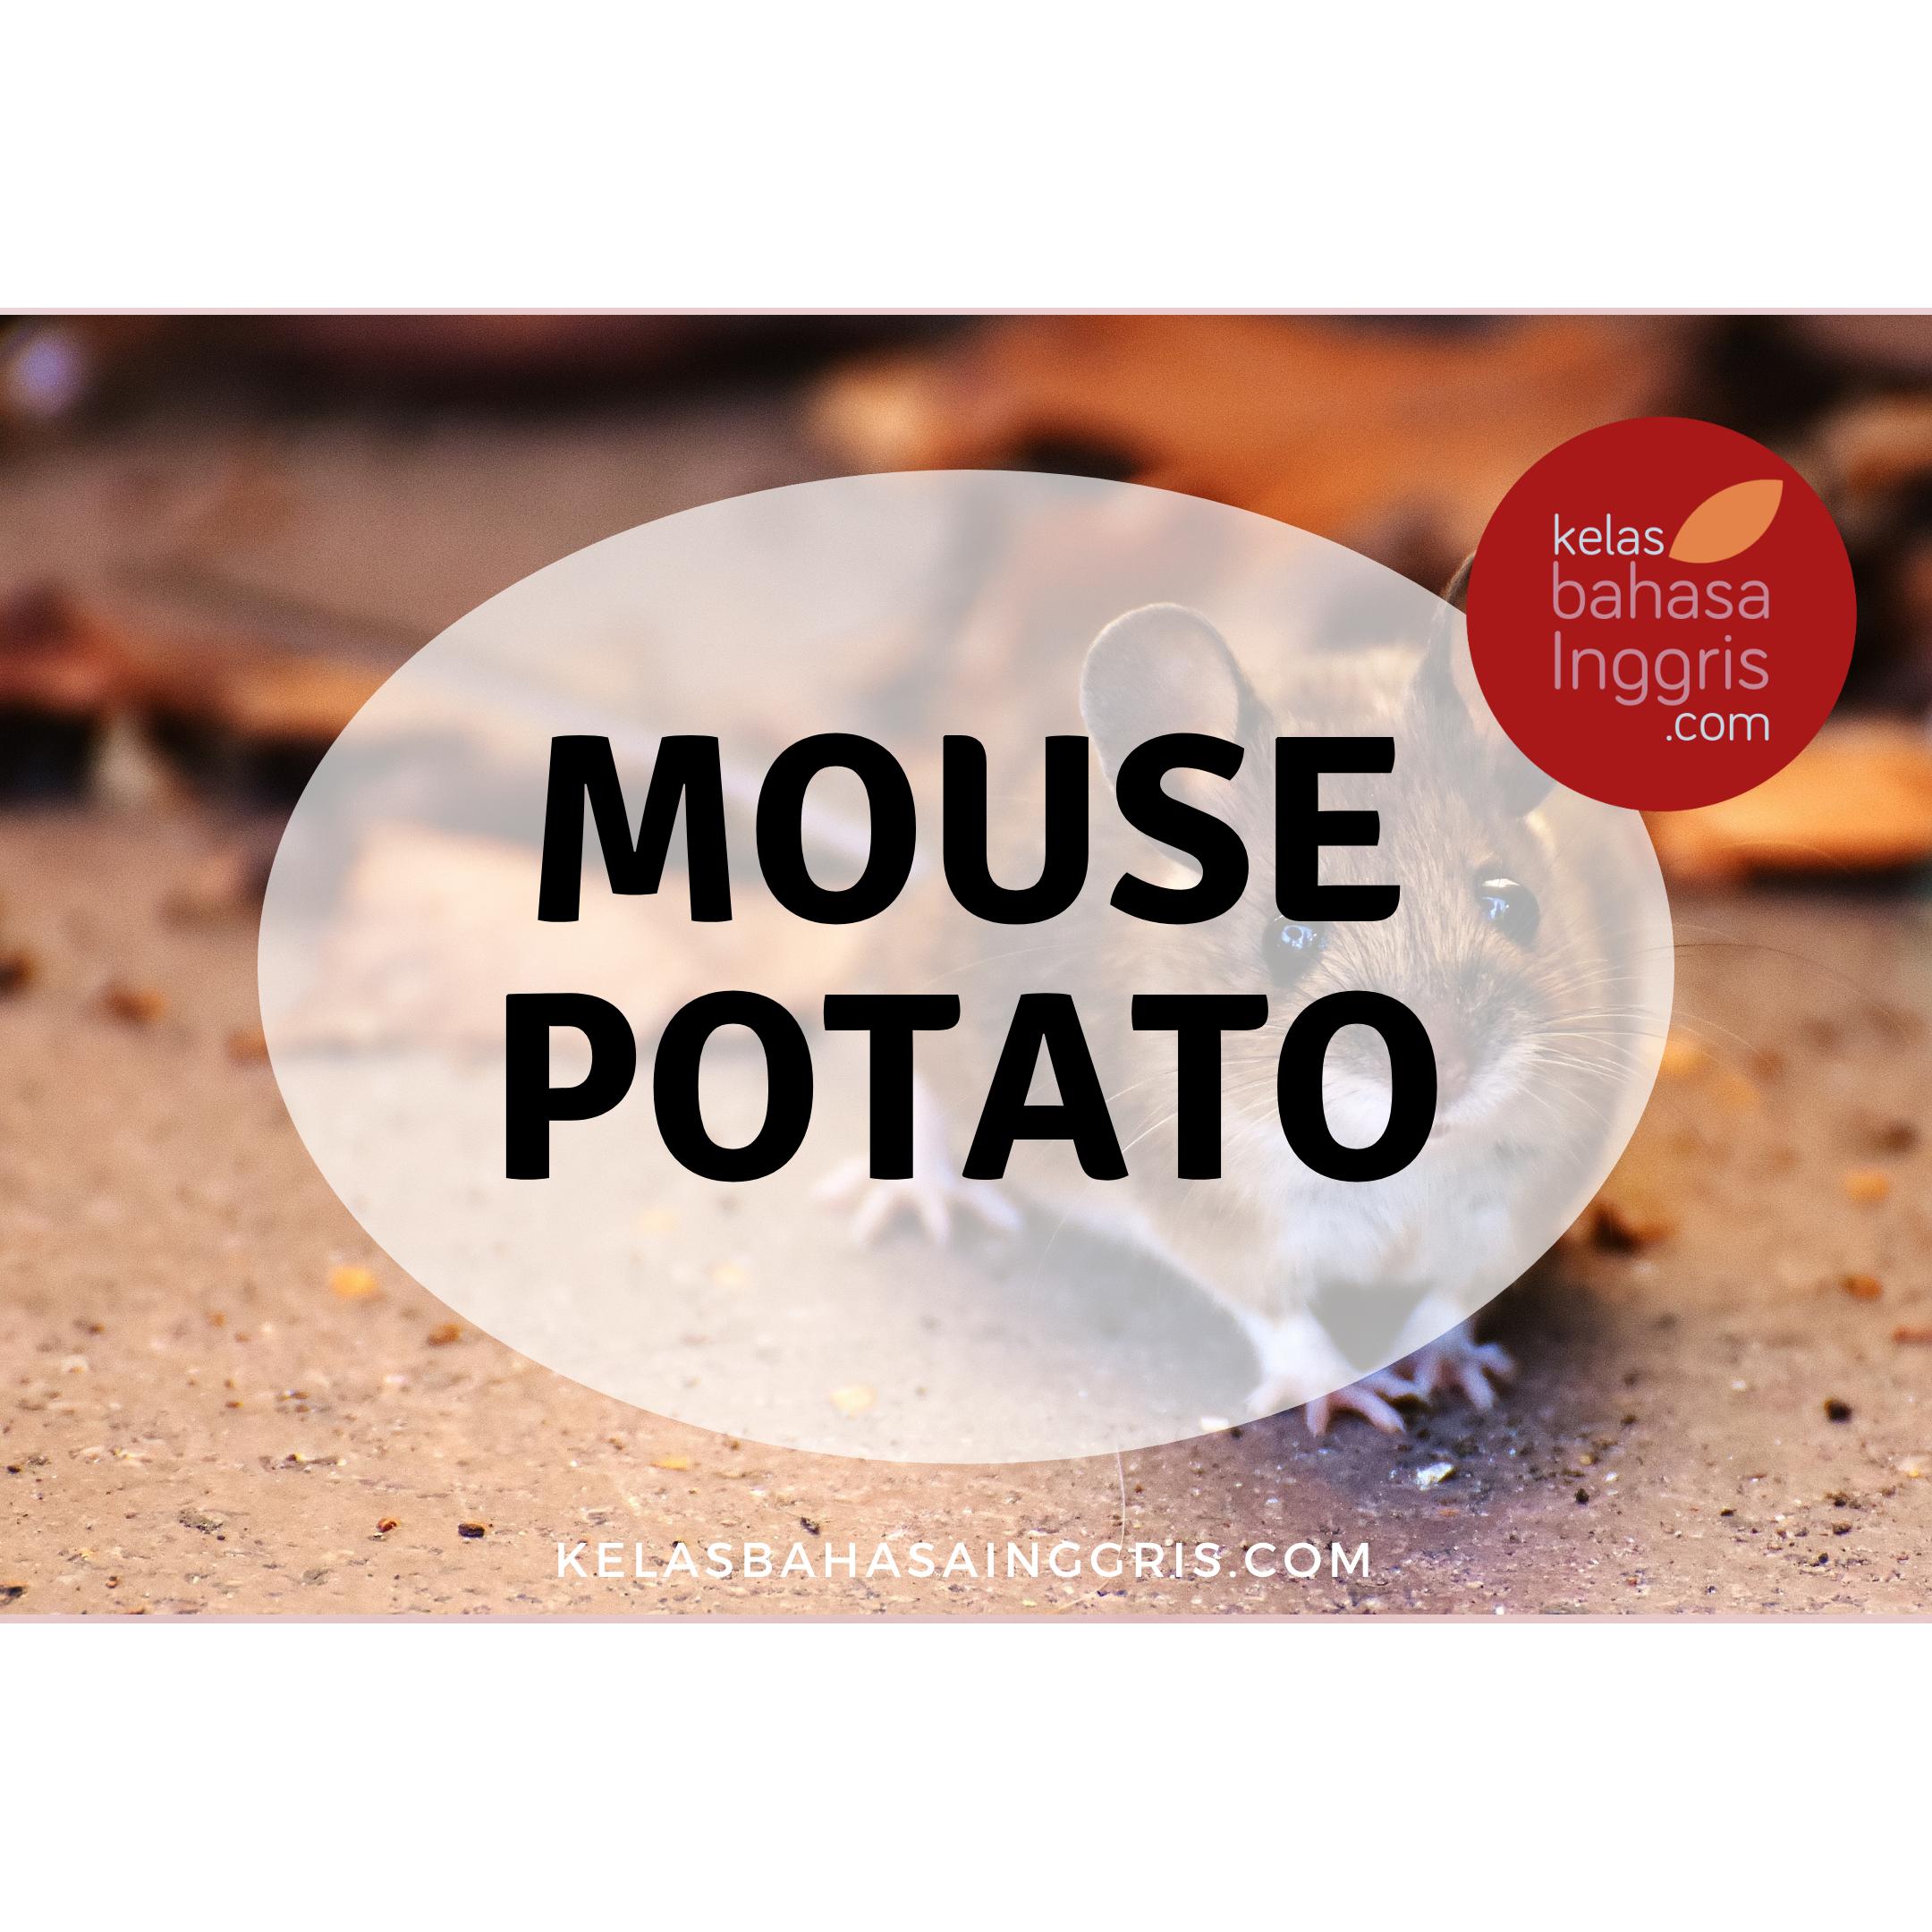 Idiom Bahasa Inggris mouse potato